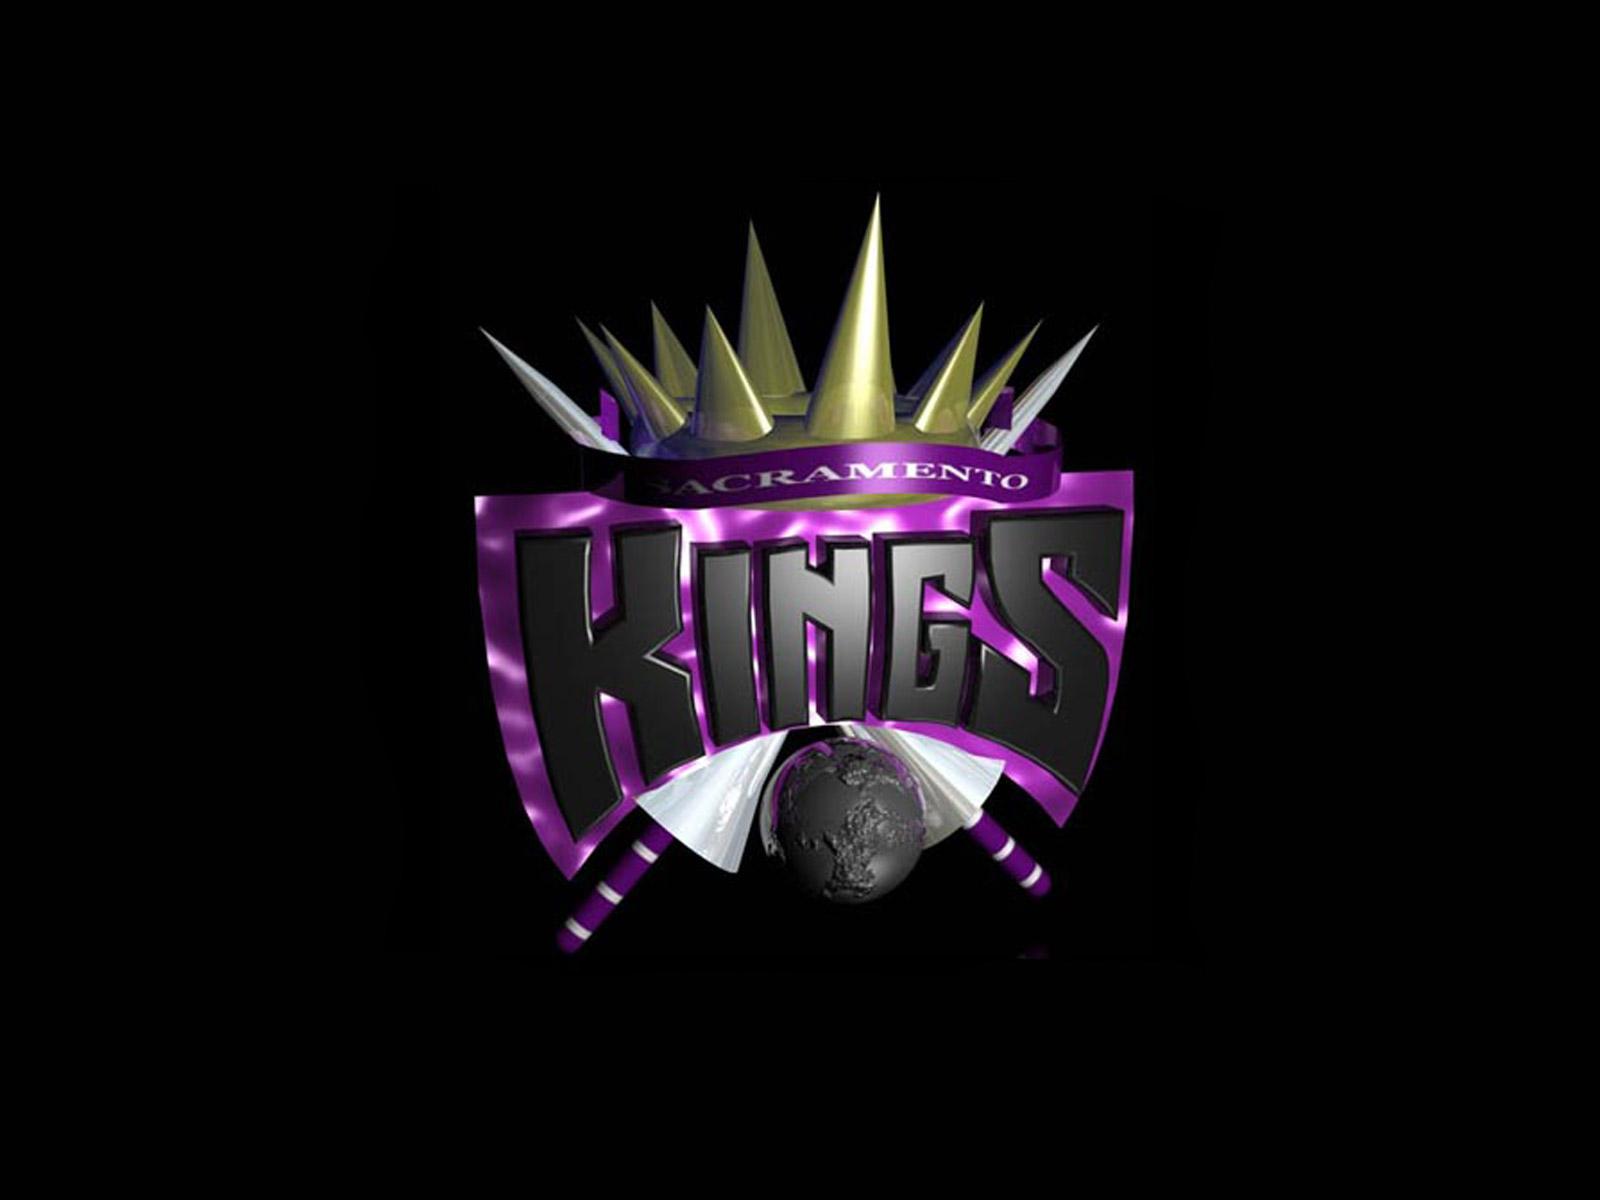 related miami heat 3 kings 05 22 2011 tyreke evans kings 1440x900 06 1600x1200